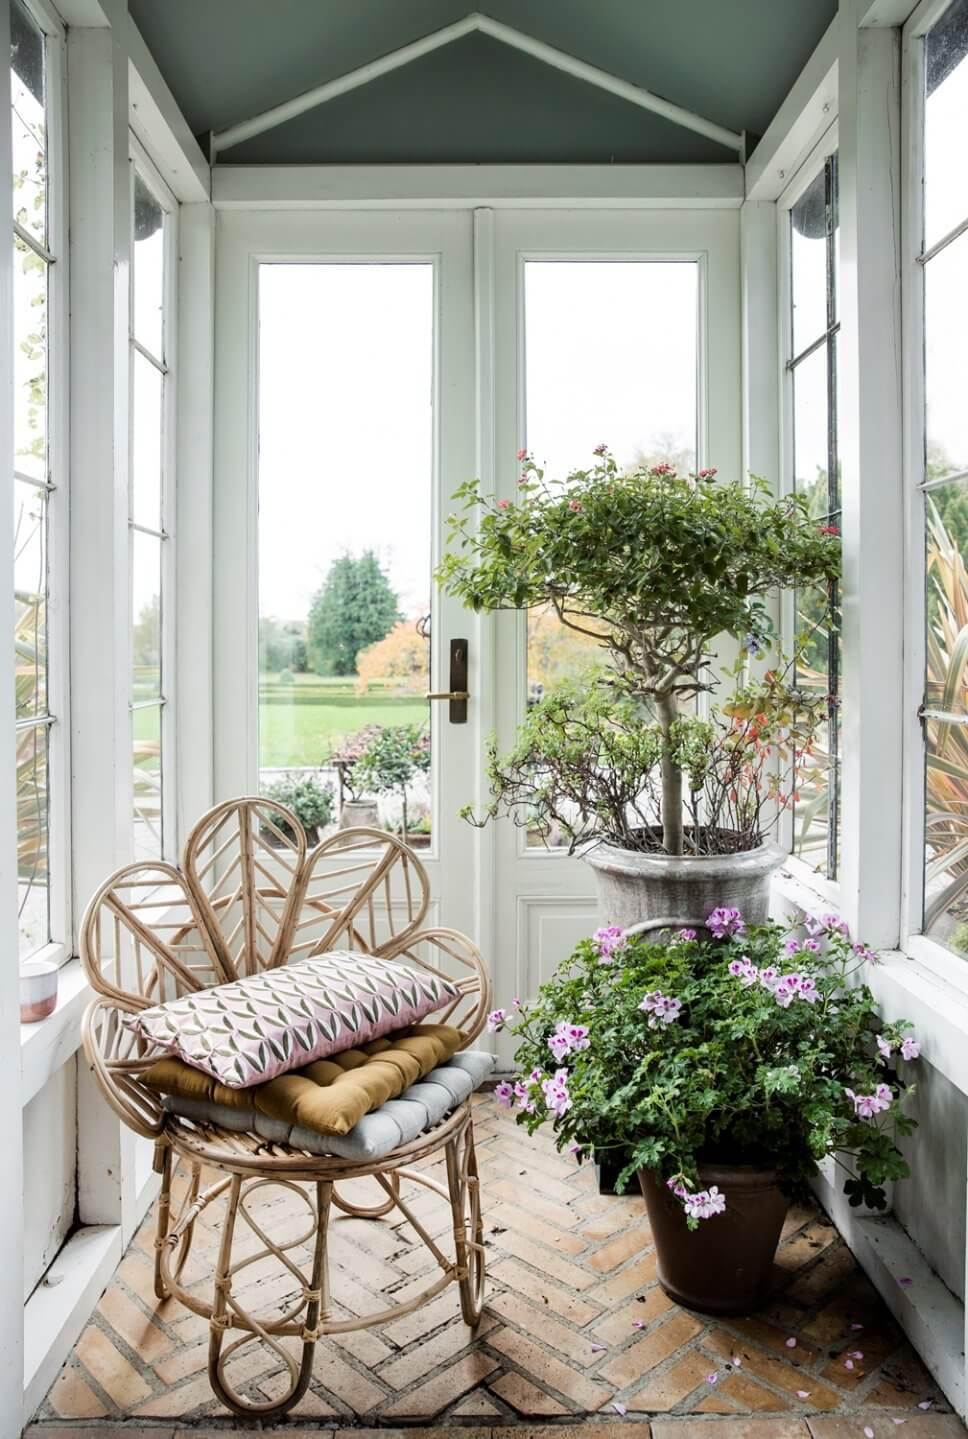 Korbsessel mit vielen Kissen vor Glastür zum Garten